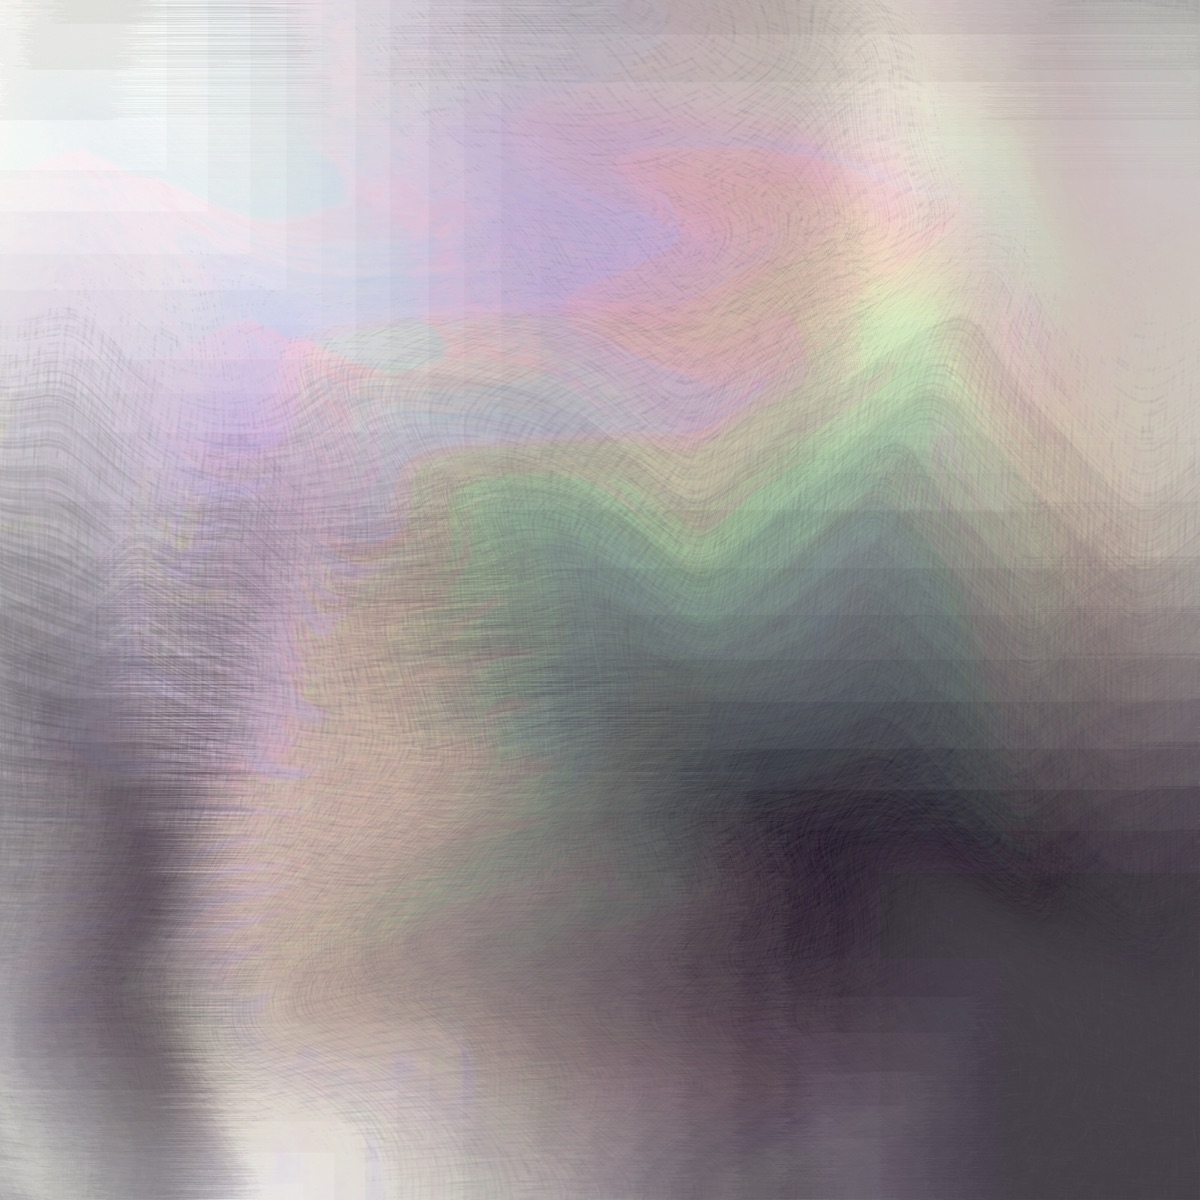 photoshop holographic rainbows  - quadrapop | ello